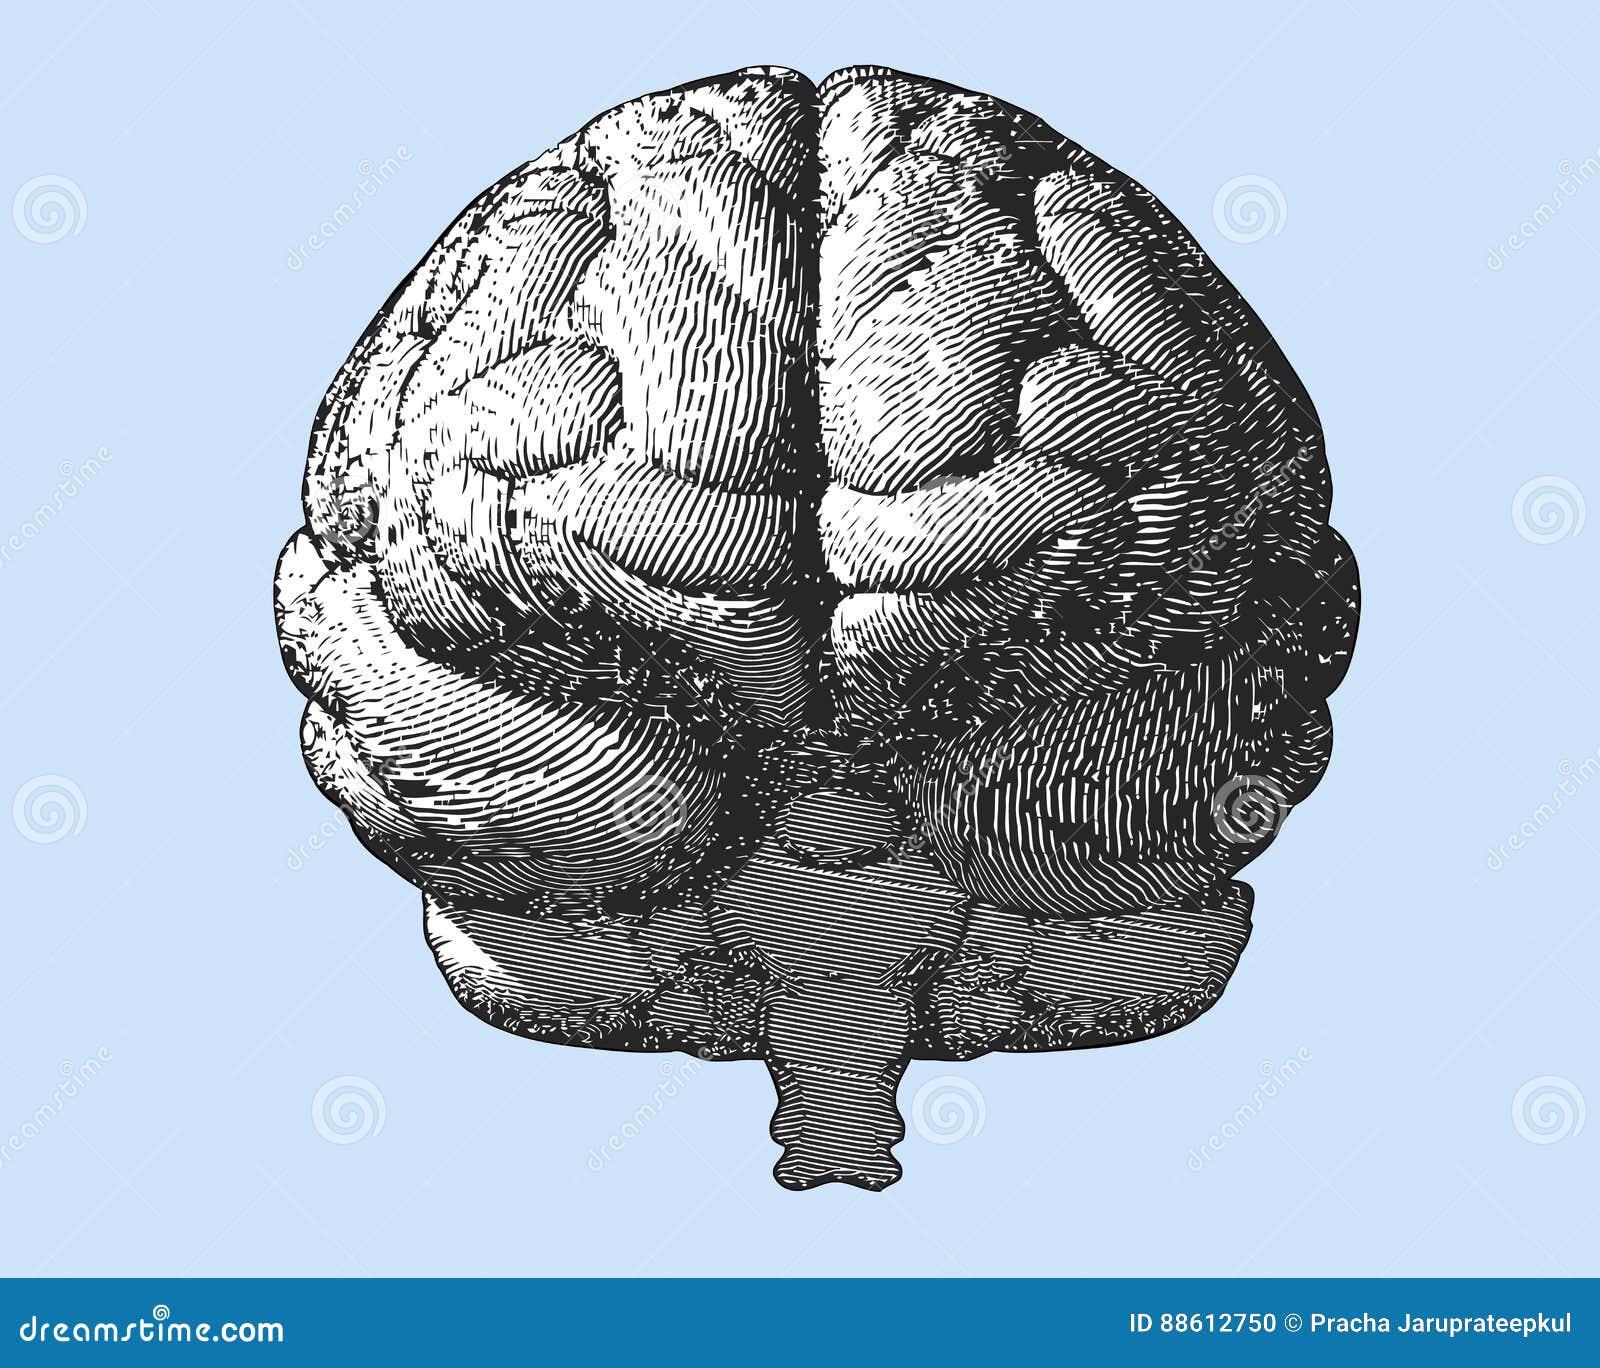 Ilustração do cérebro da gravura na vista dianteira na BG azul